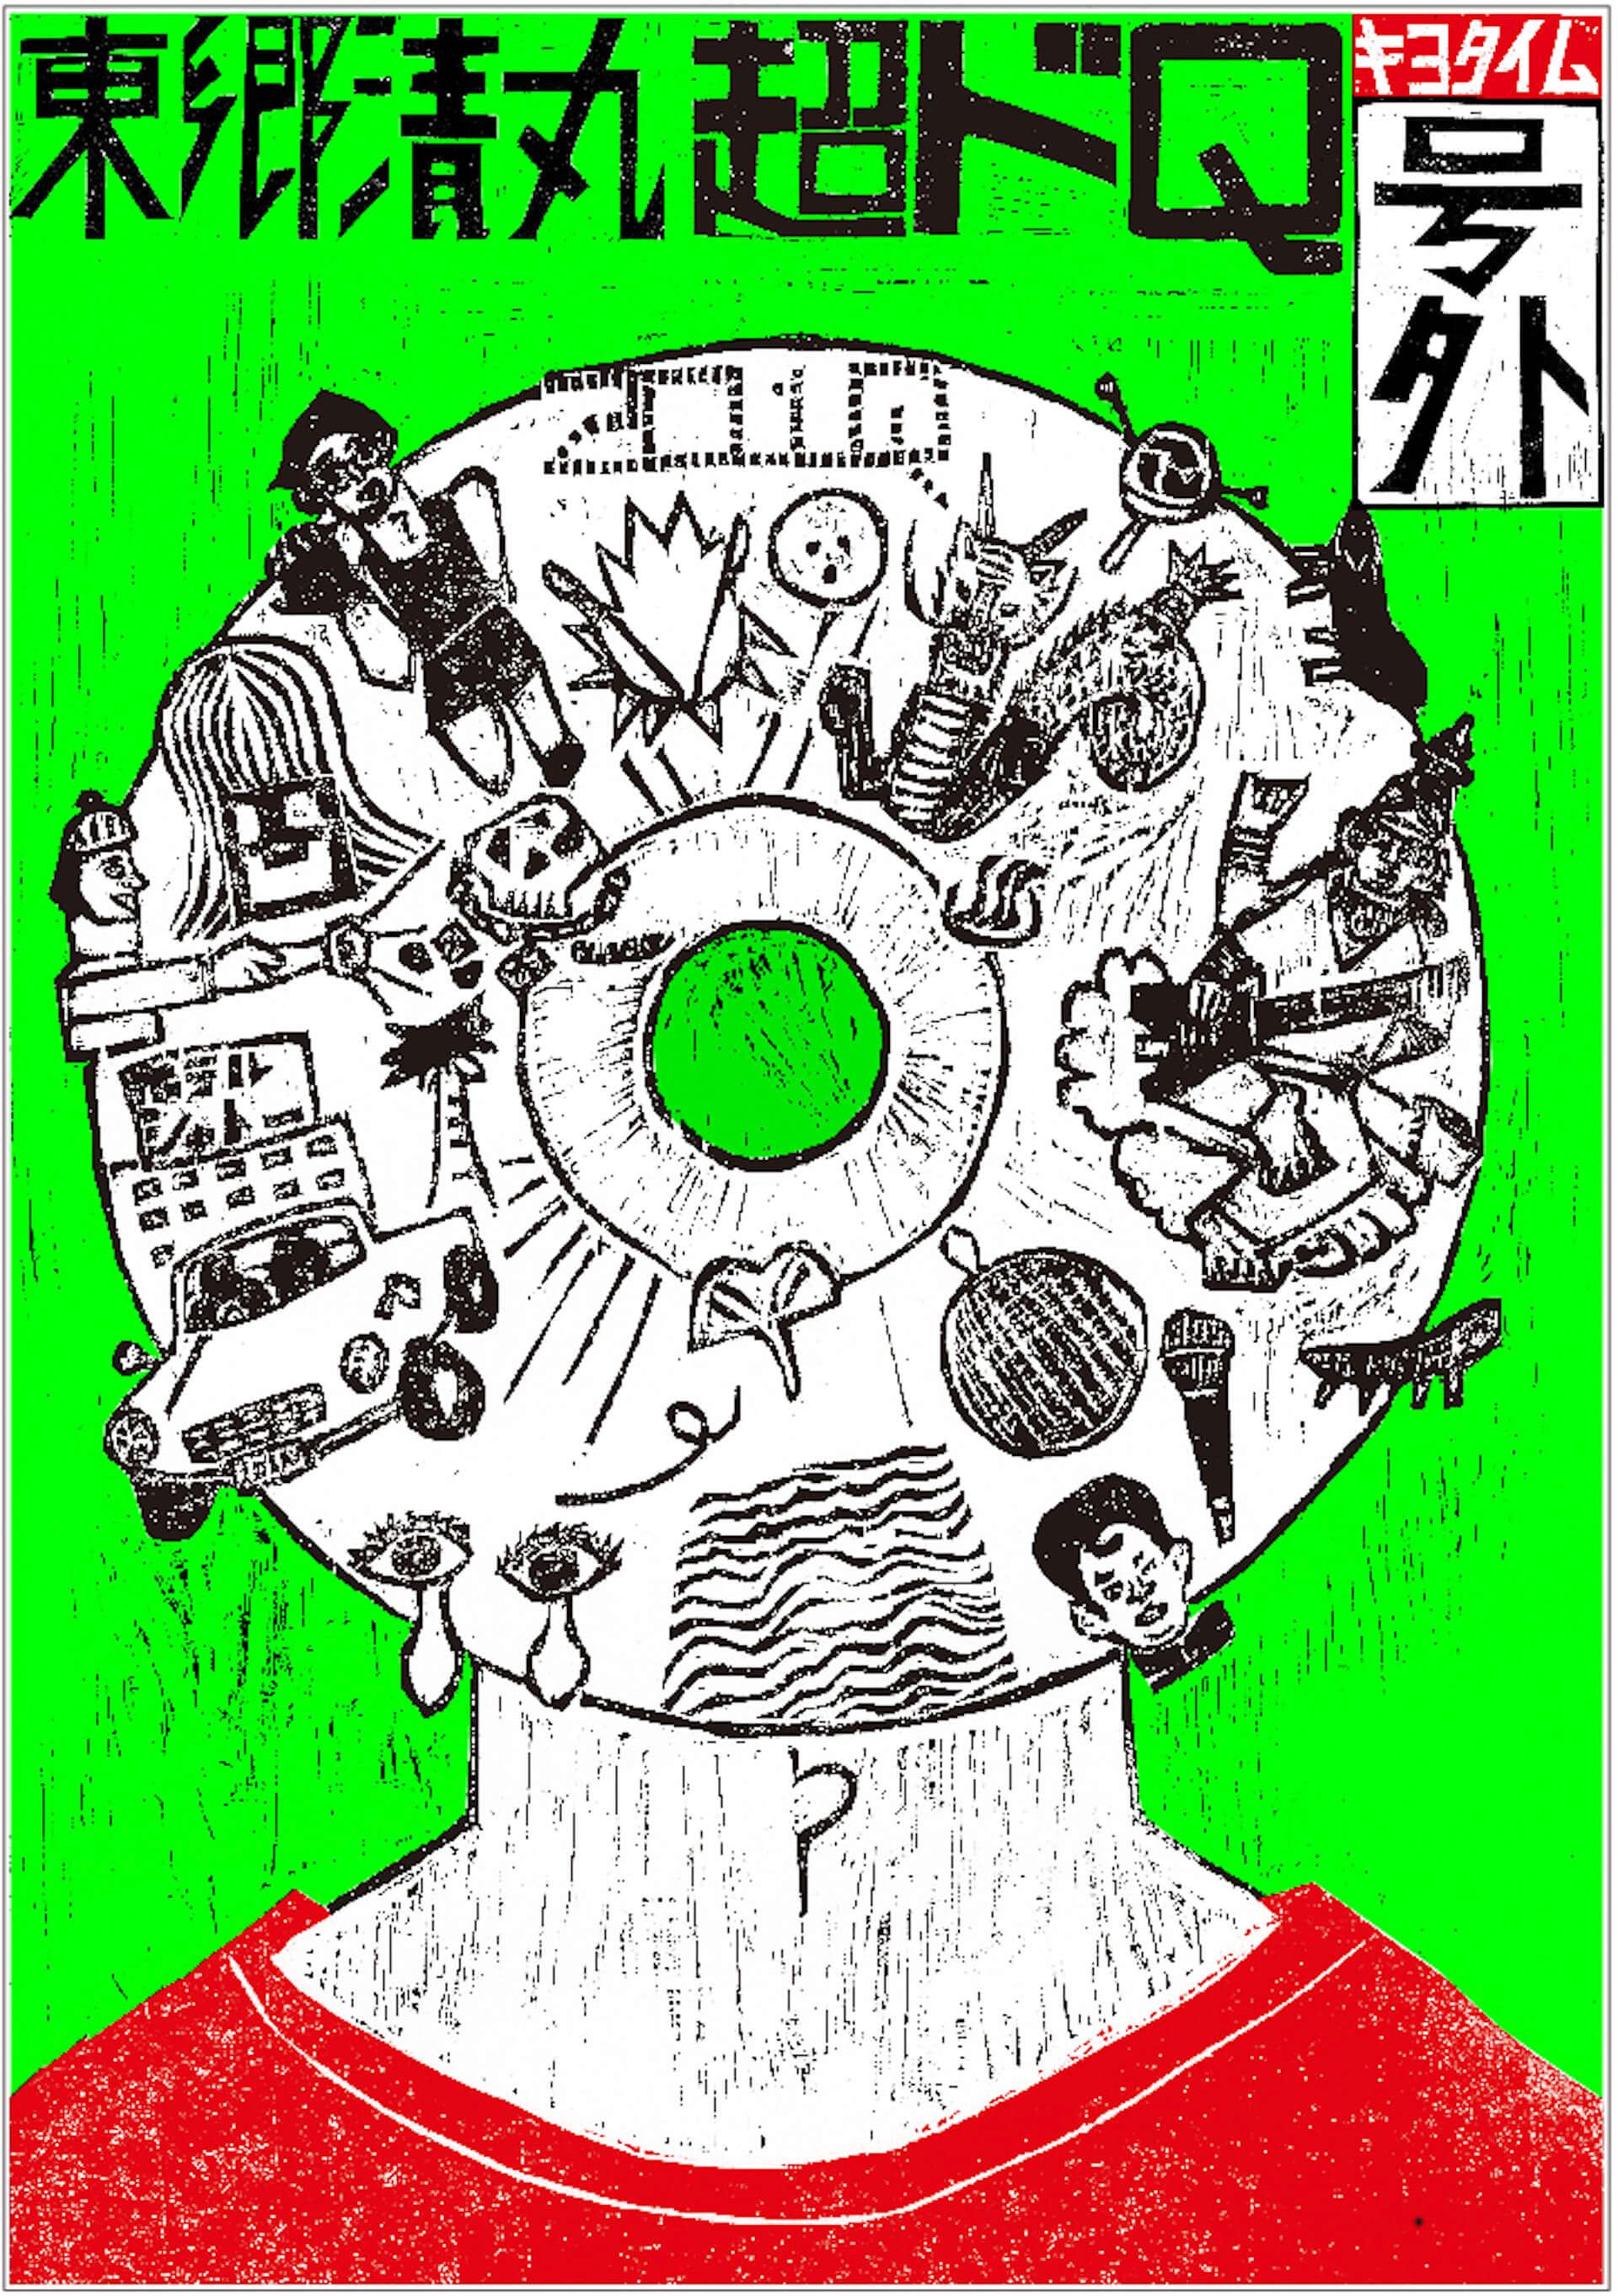 東郷清丸、奇想天外なアイデアを詰め込んだ2ndアルバム『Q曲』の軌跡をたどる<Q展>開催 music190709_togokiyomaru_qten_main-1920x2725